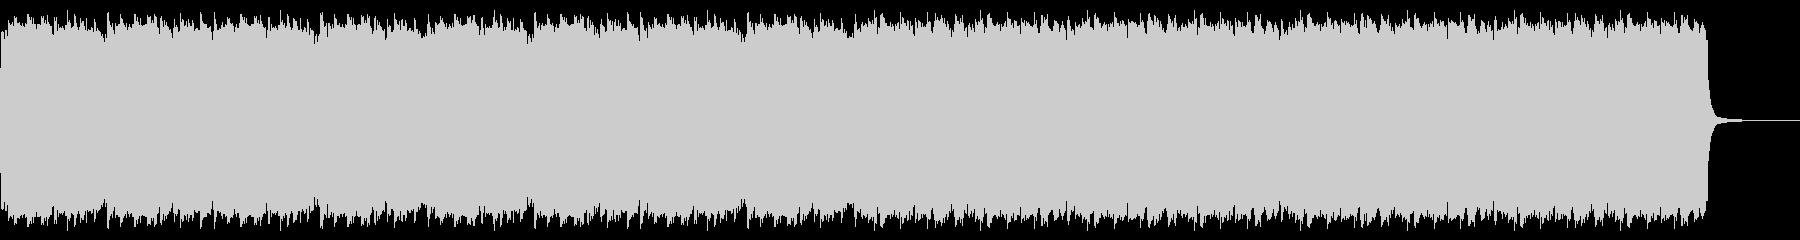 レトロゲームのフィールド風曲の未再生の波形